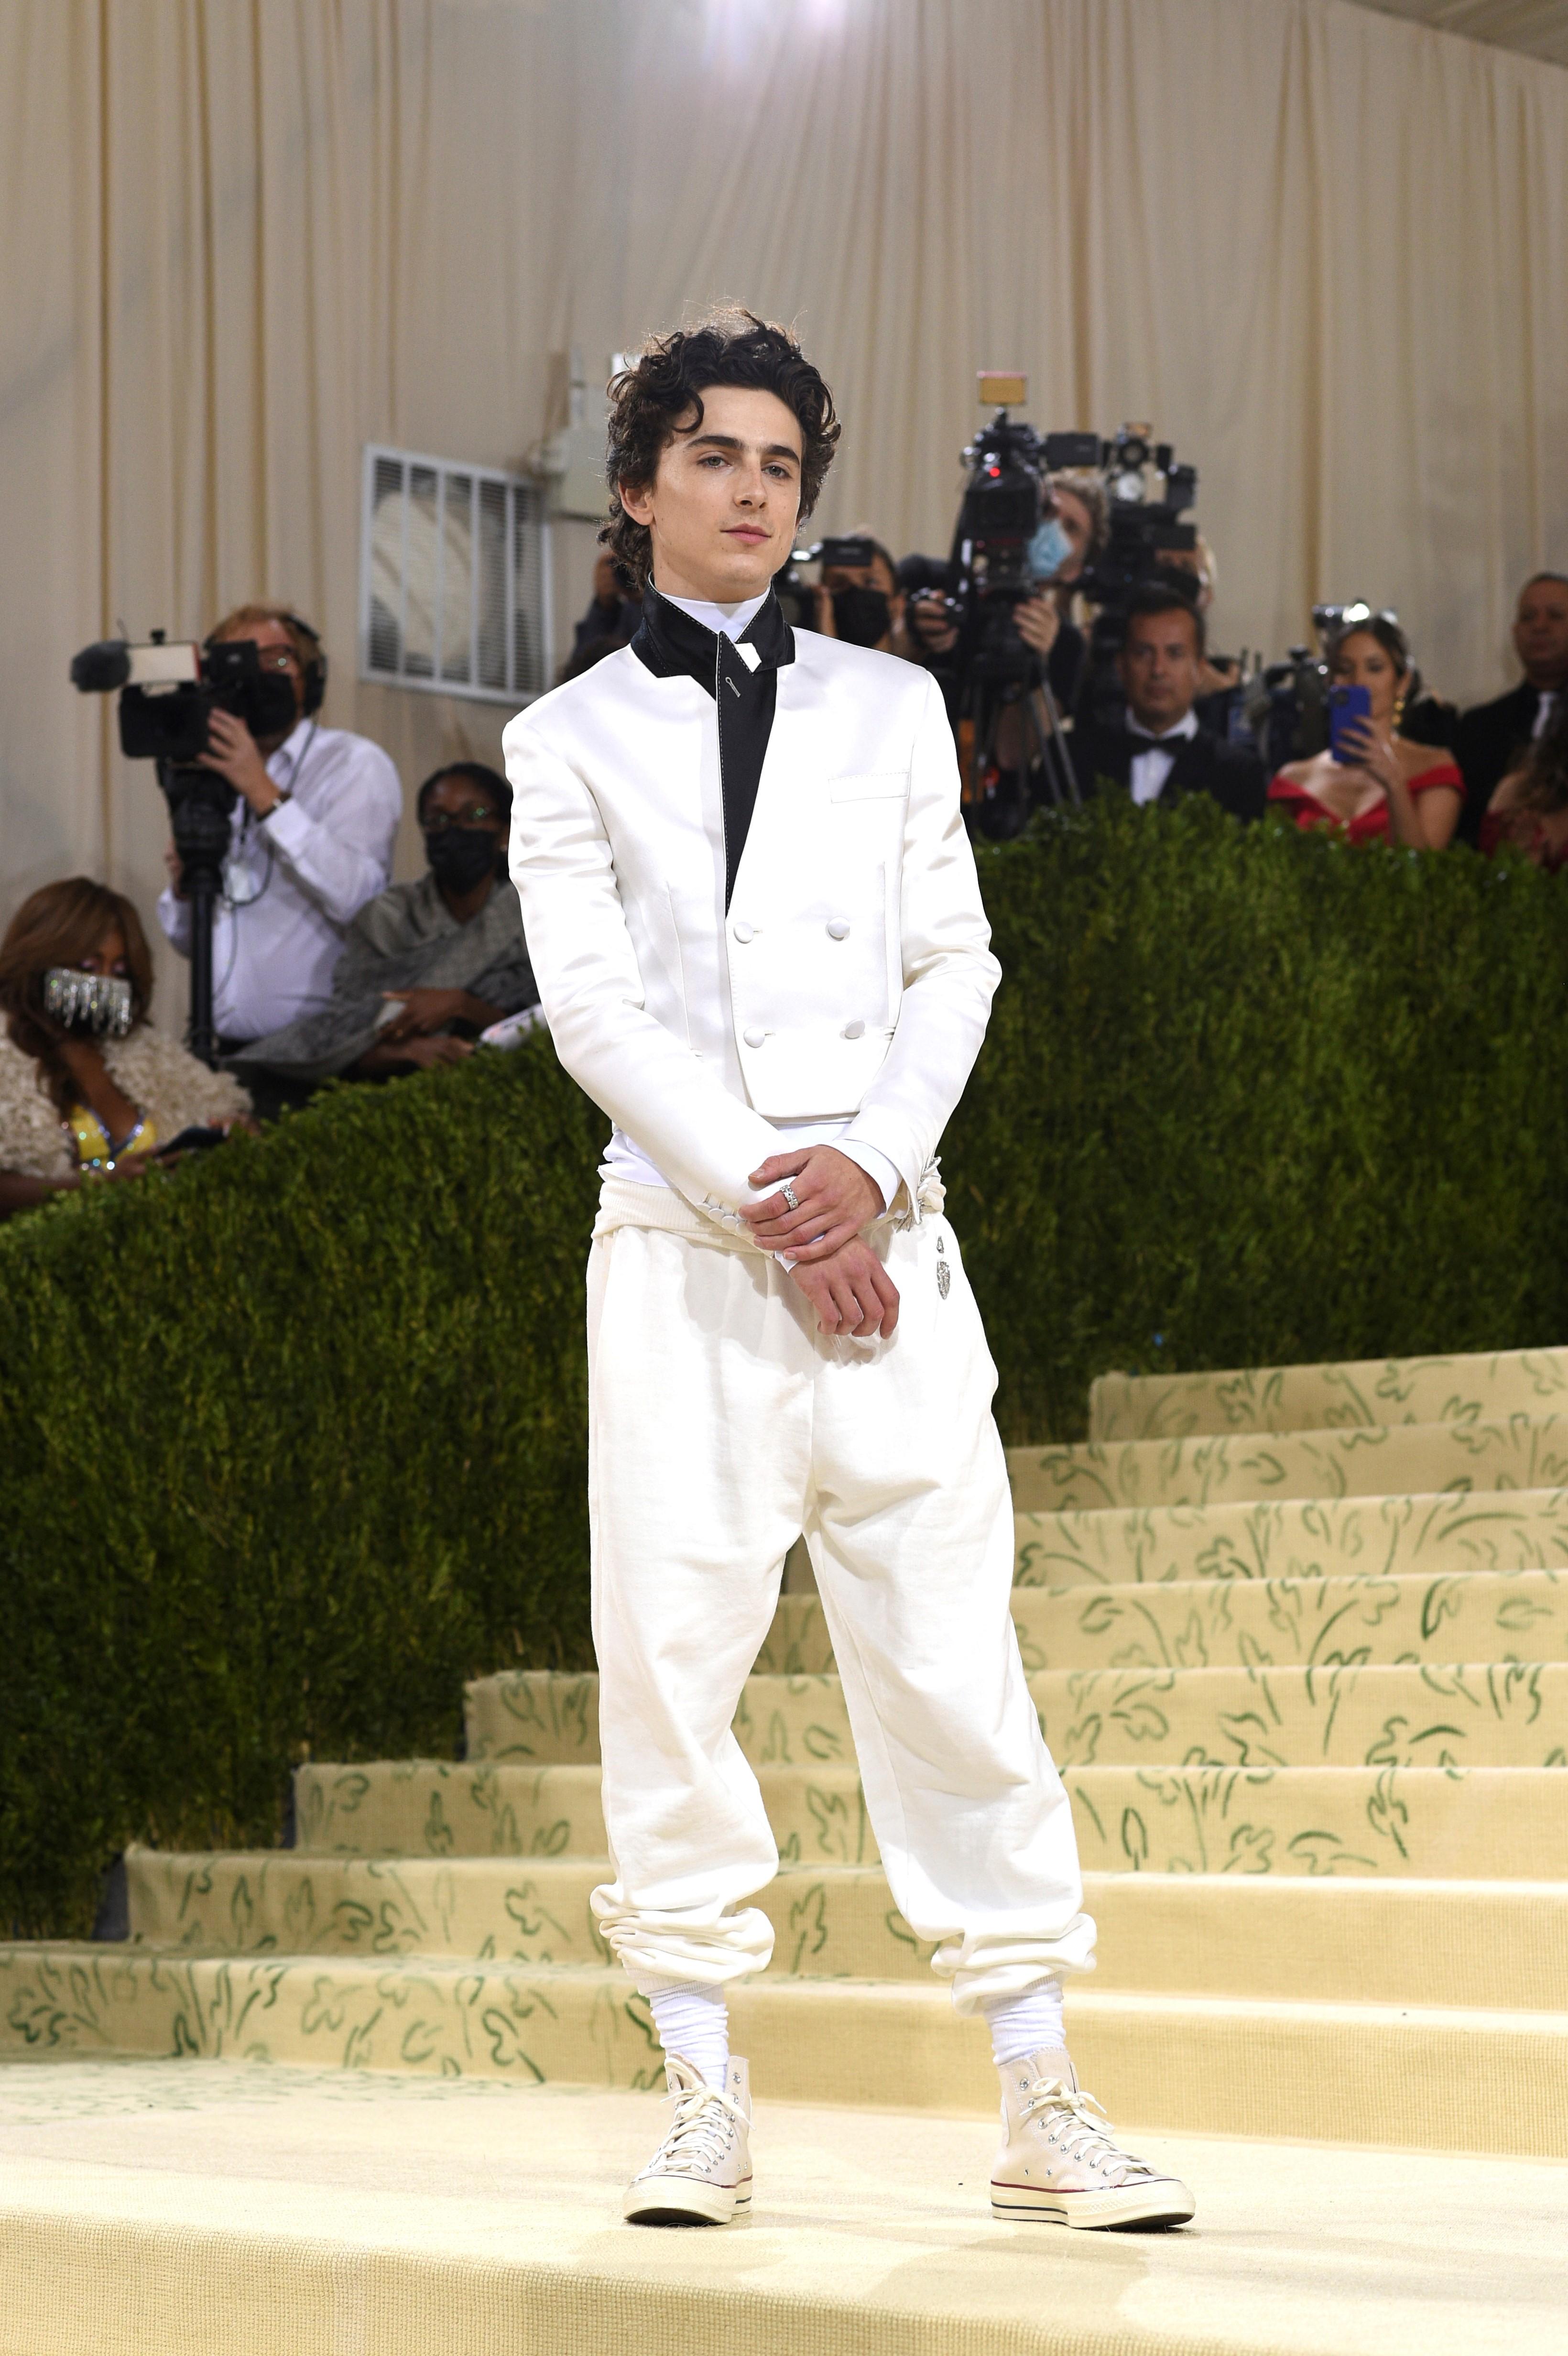 El actor Timothee Chalamet optó po un look del diseñador francés Haider Ackermann en blanco formado por una chaqueta de traje corta y pantalones jogger, que combinó con zapatillas Converse. (AP)